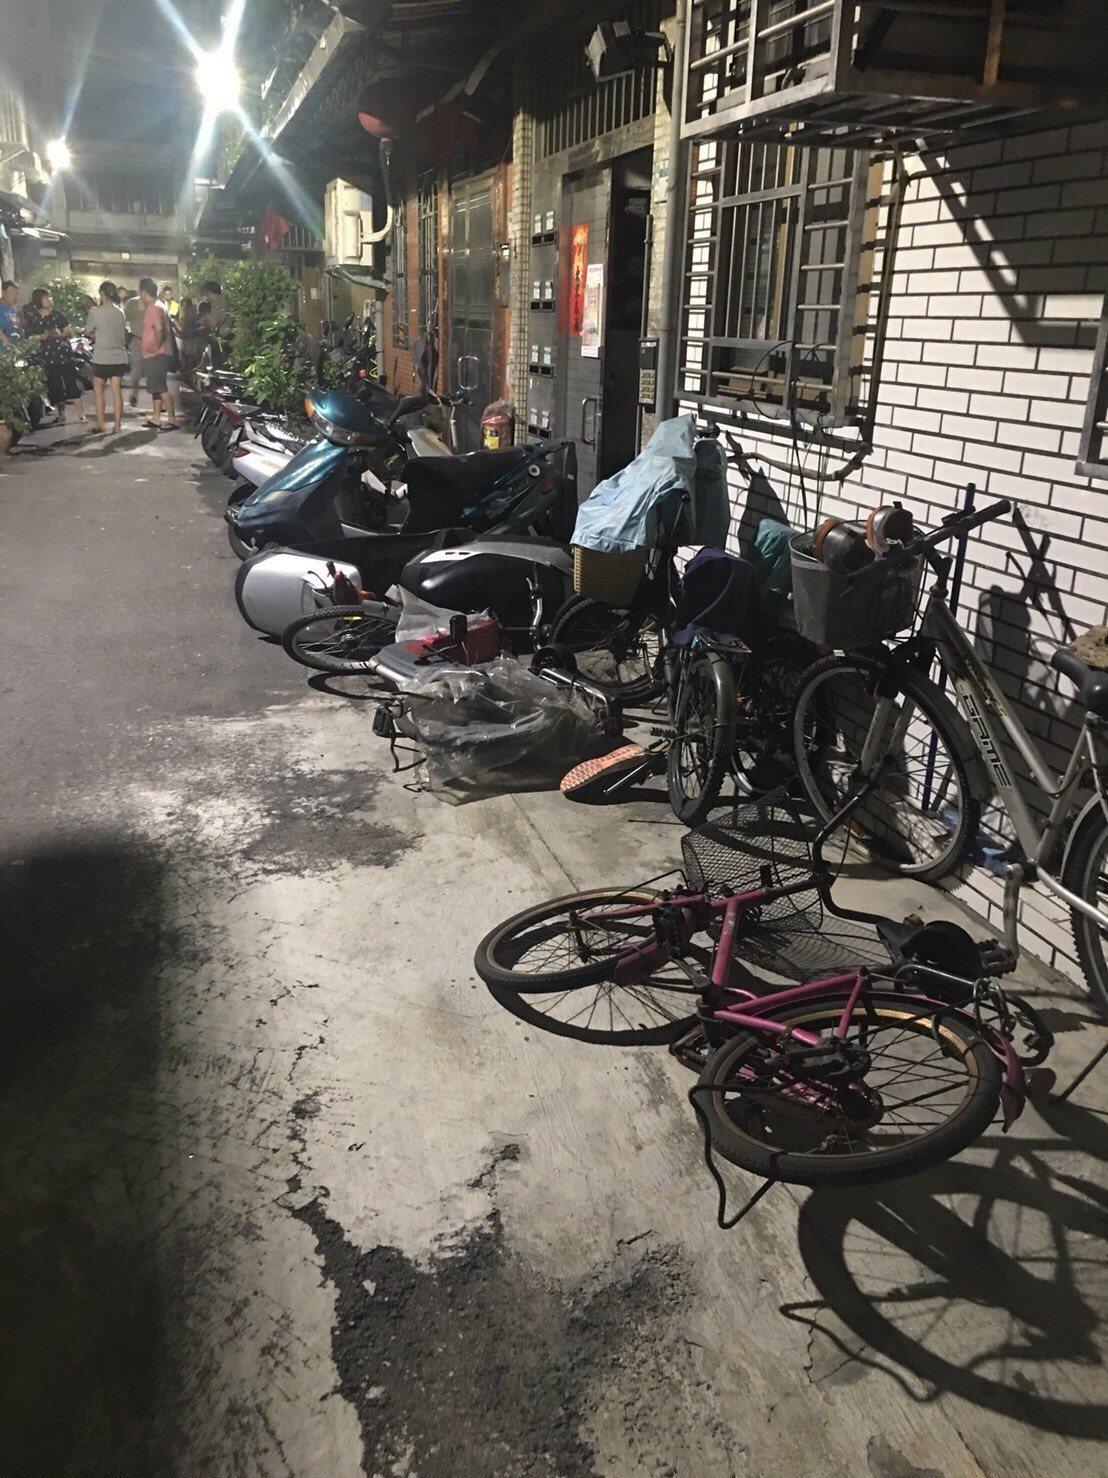 葉男的汽車衝進窄巷,連續撞倒機車、腳踏車、花盆、鐵架。記者林昭彰/翻攝